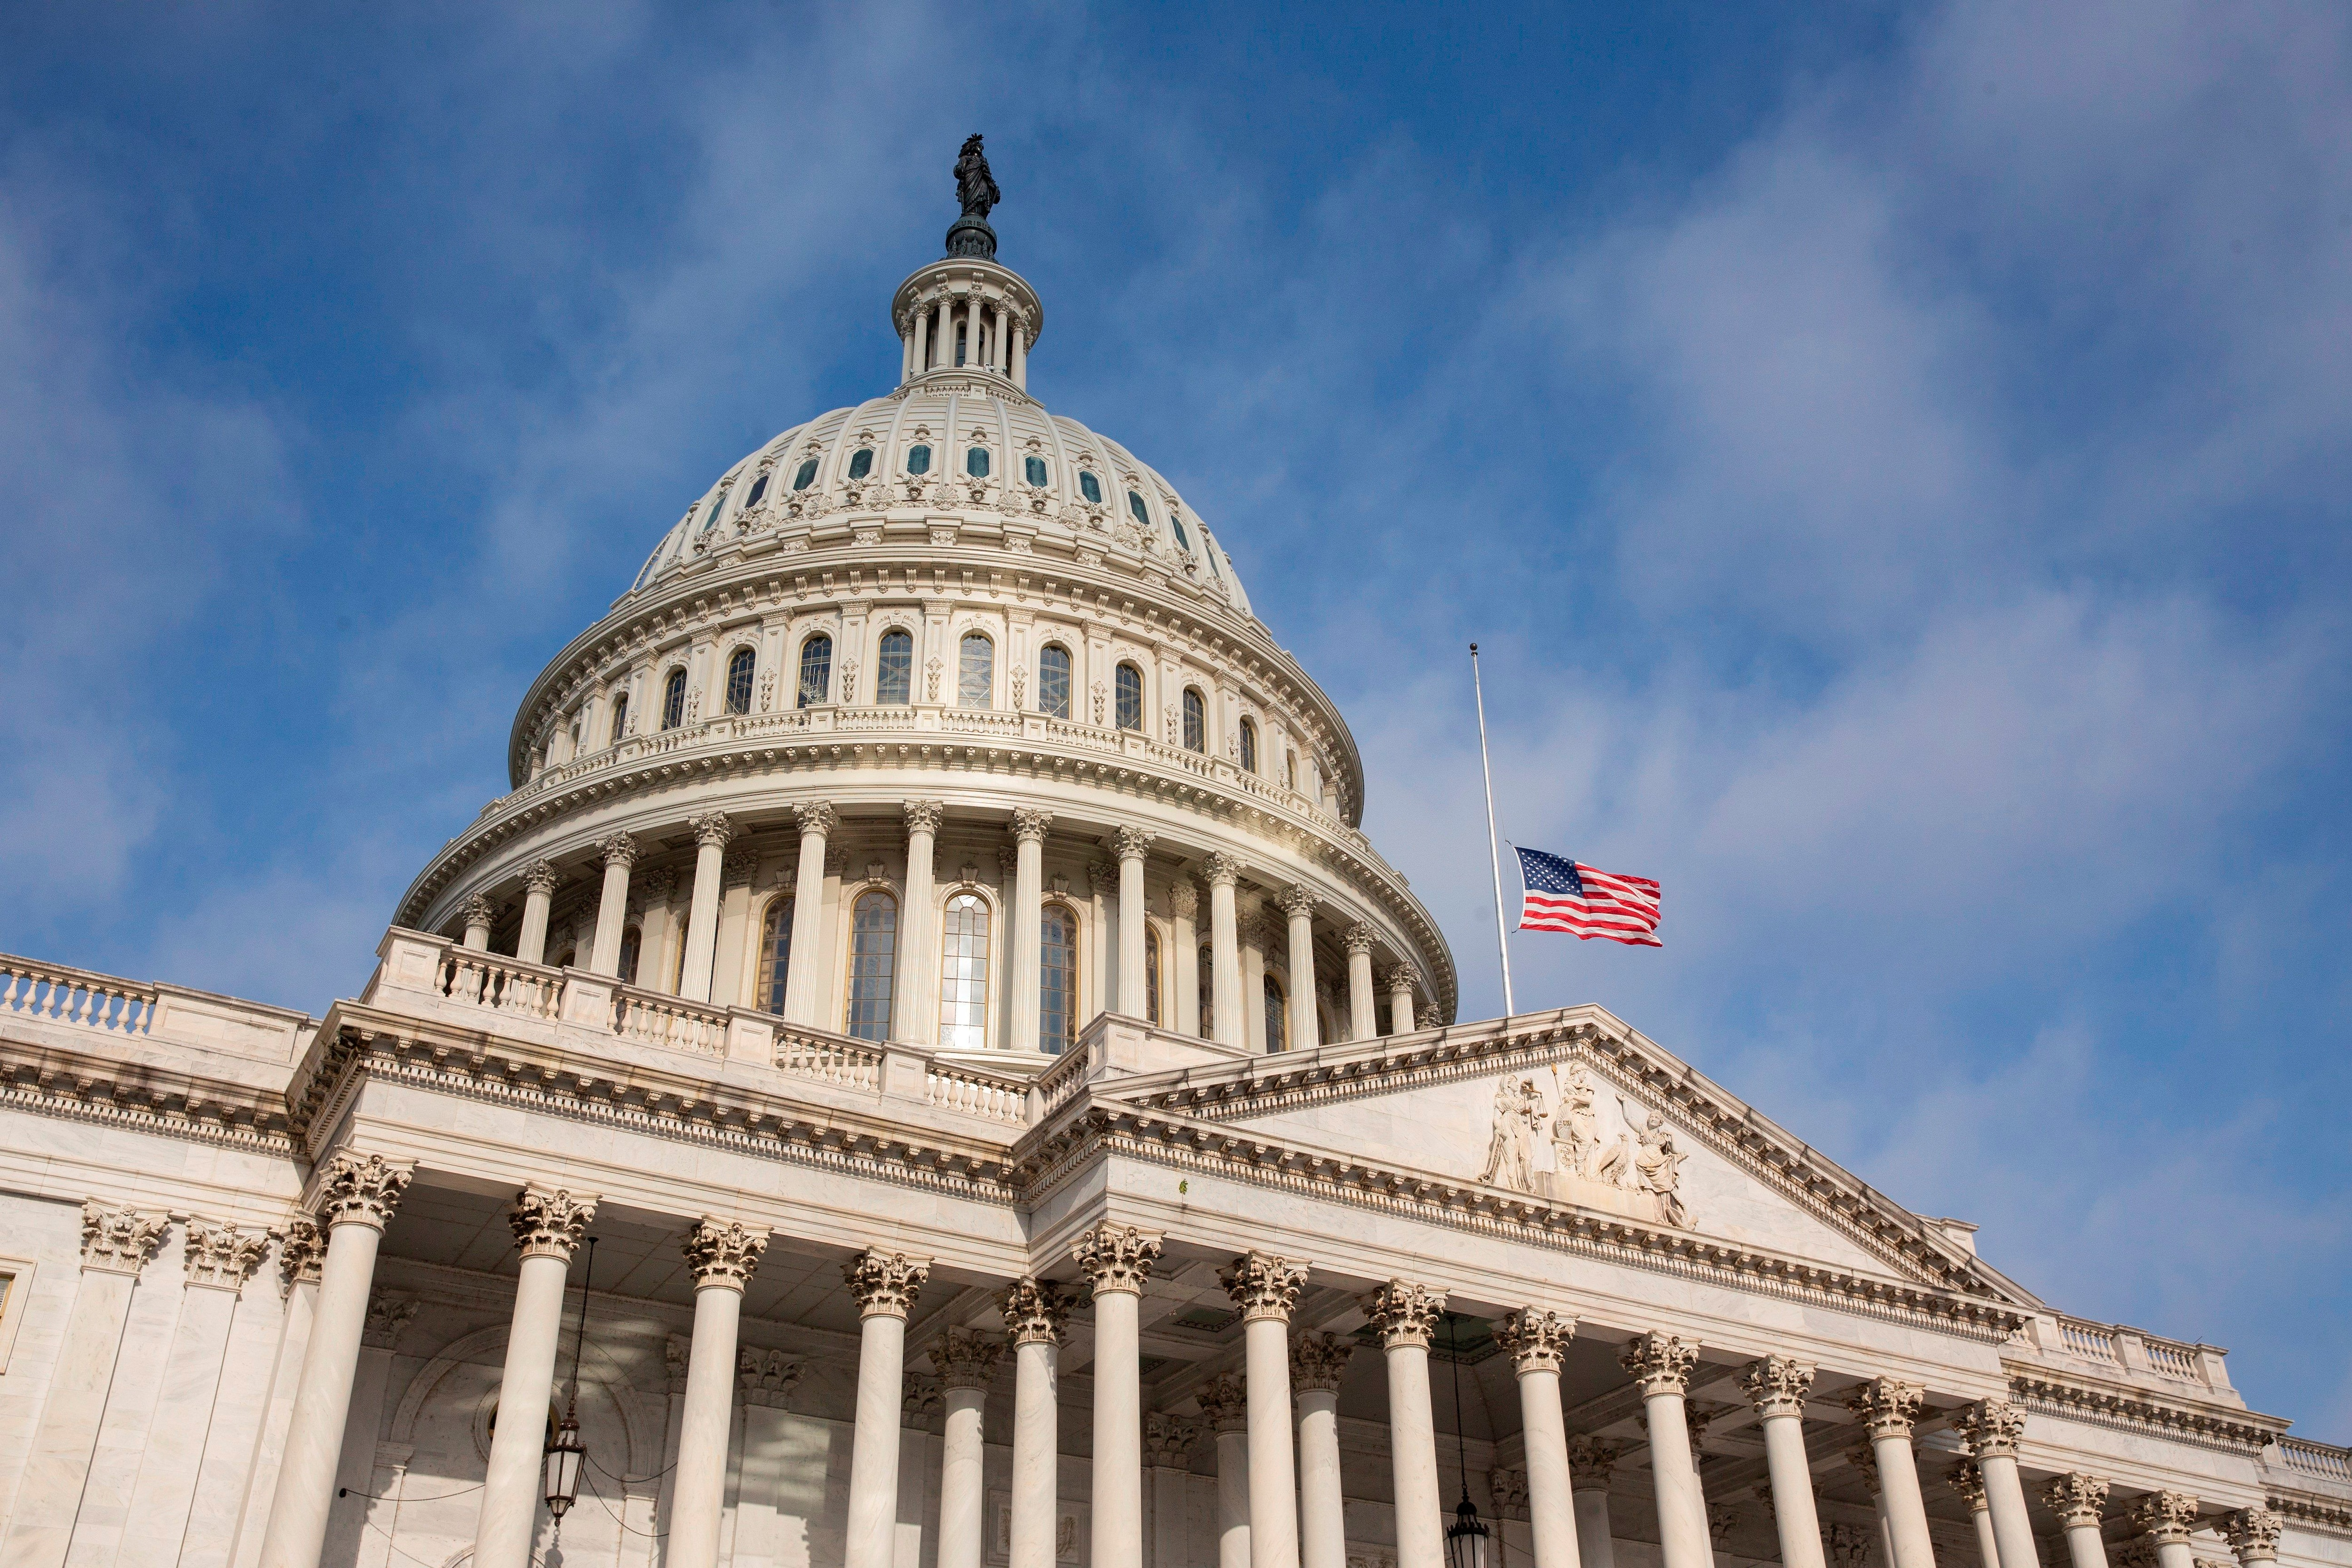 Vista general del Capitolio en Washington (Foto: EFE)